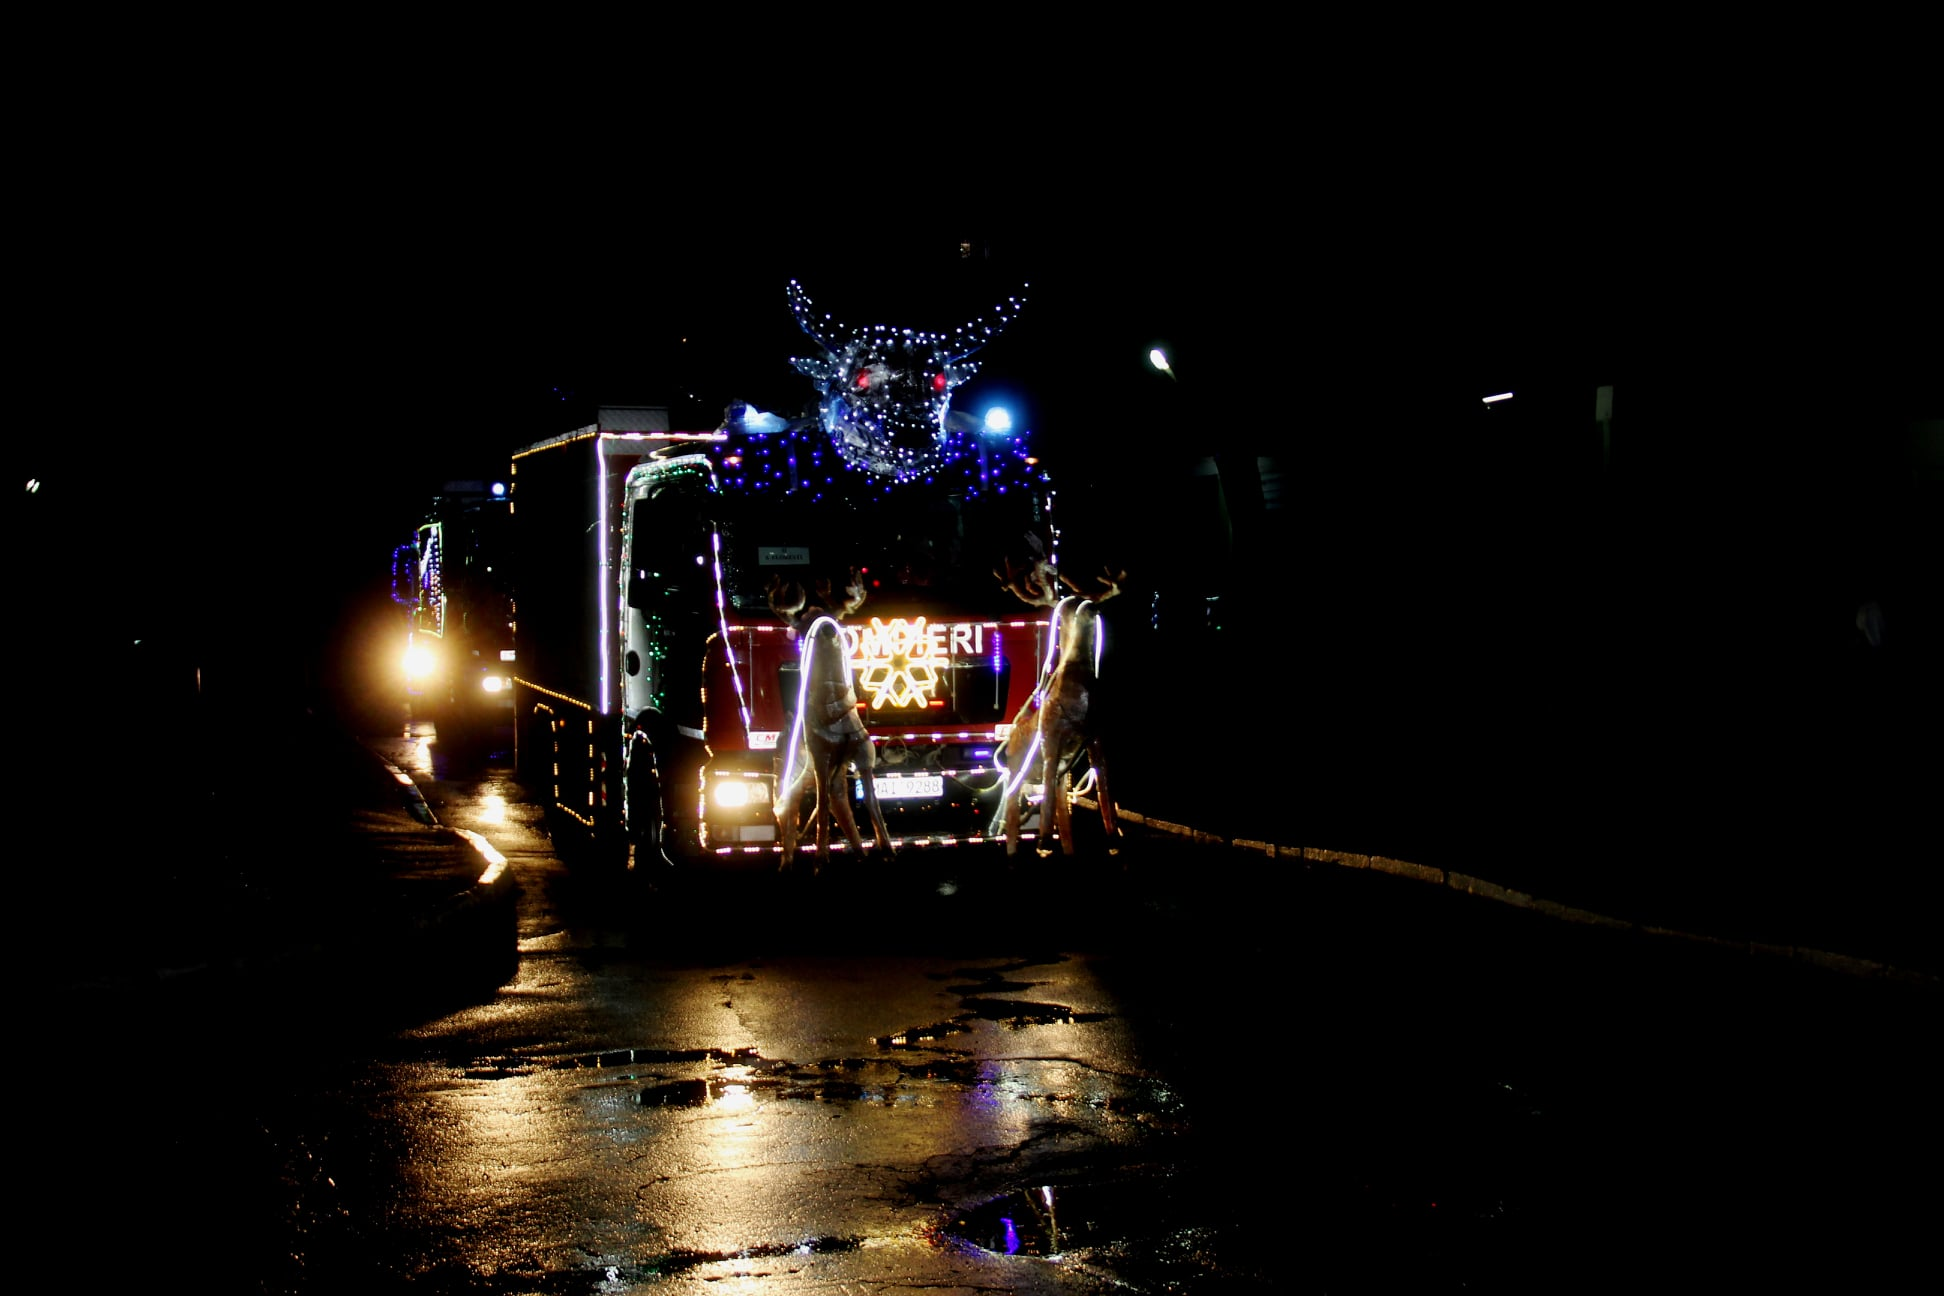 ПоКишиневу проехал рождественский караван пожарных испасателей (ФОТО/ВИДЕО)